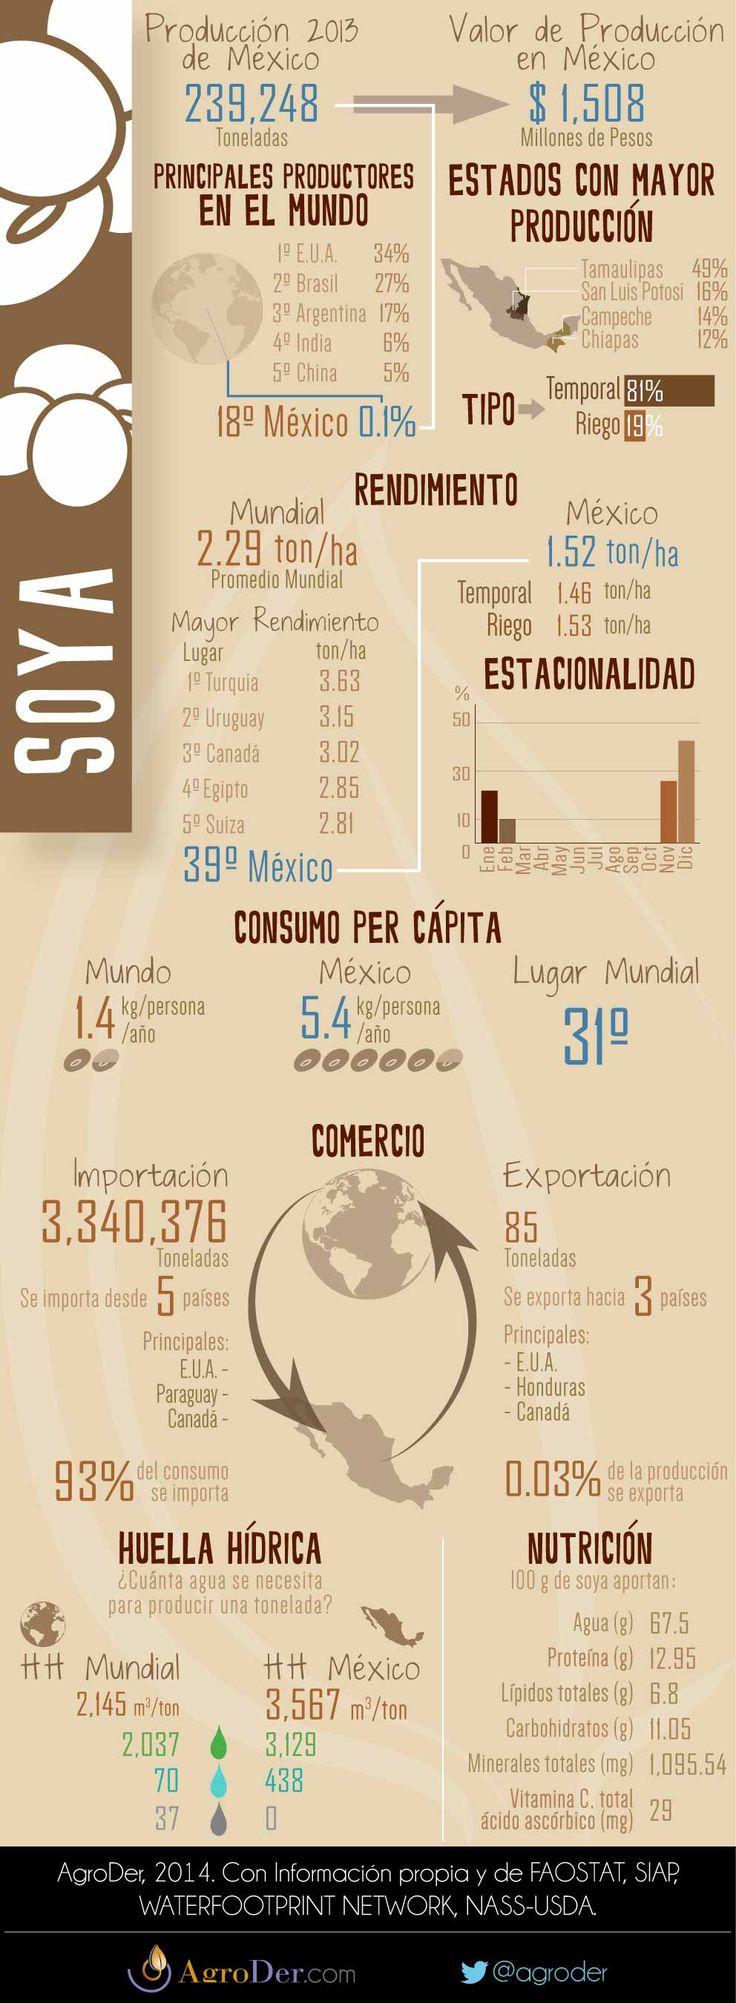 Infografía - Soya en México, 2013.